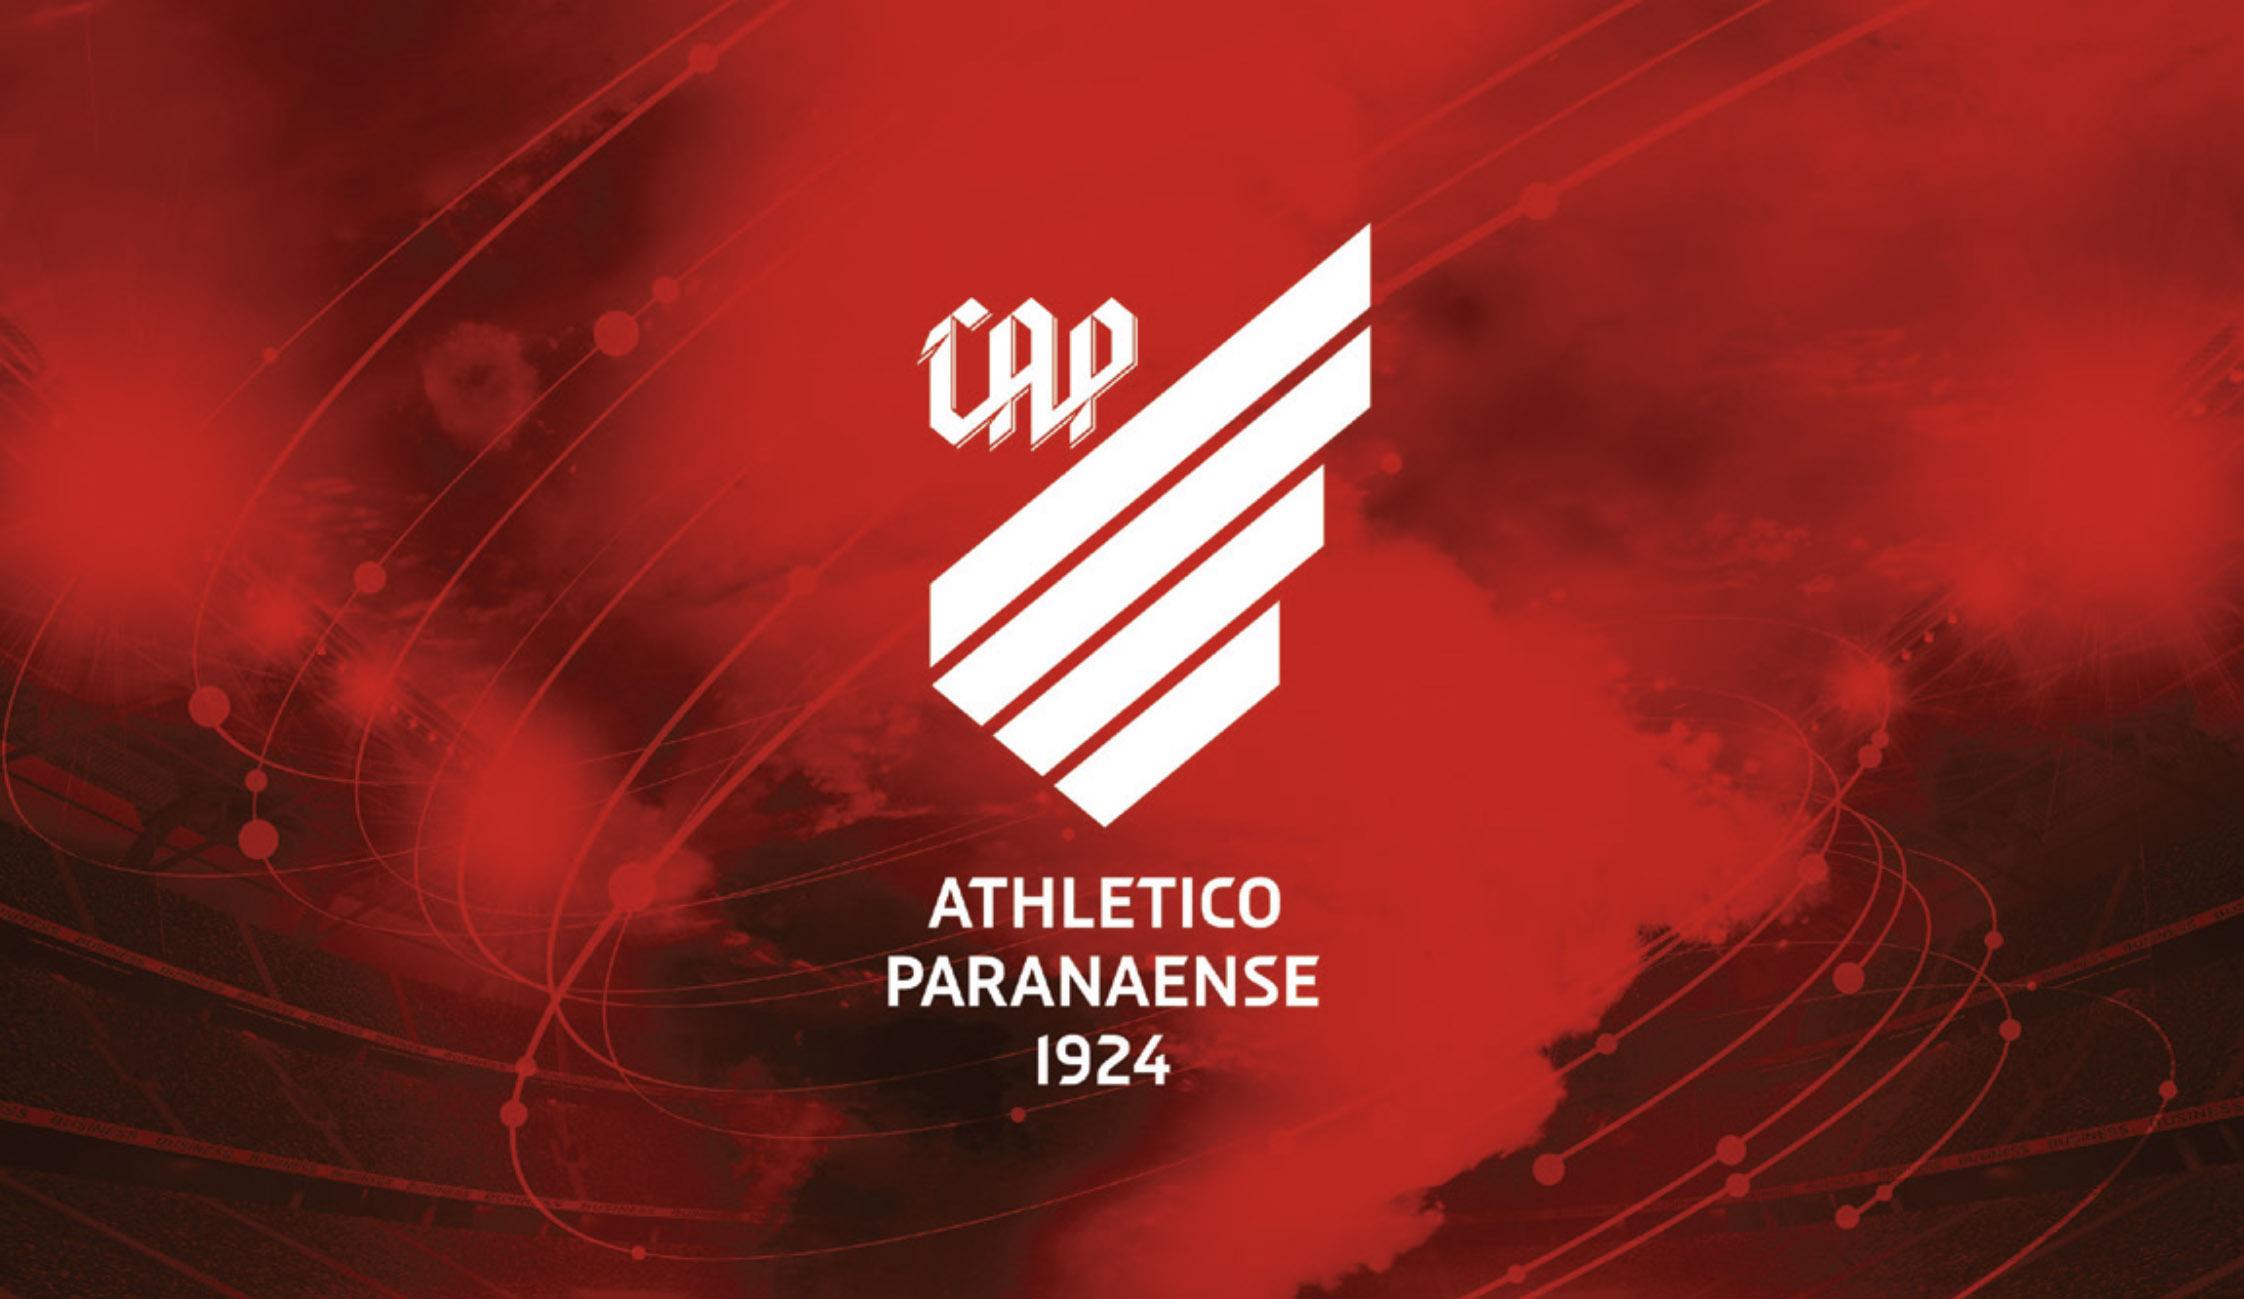 Jovem Pan fecha acordo e vai transmitir todos os jogos do Athletico em casa